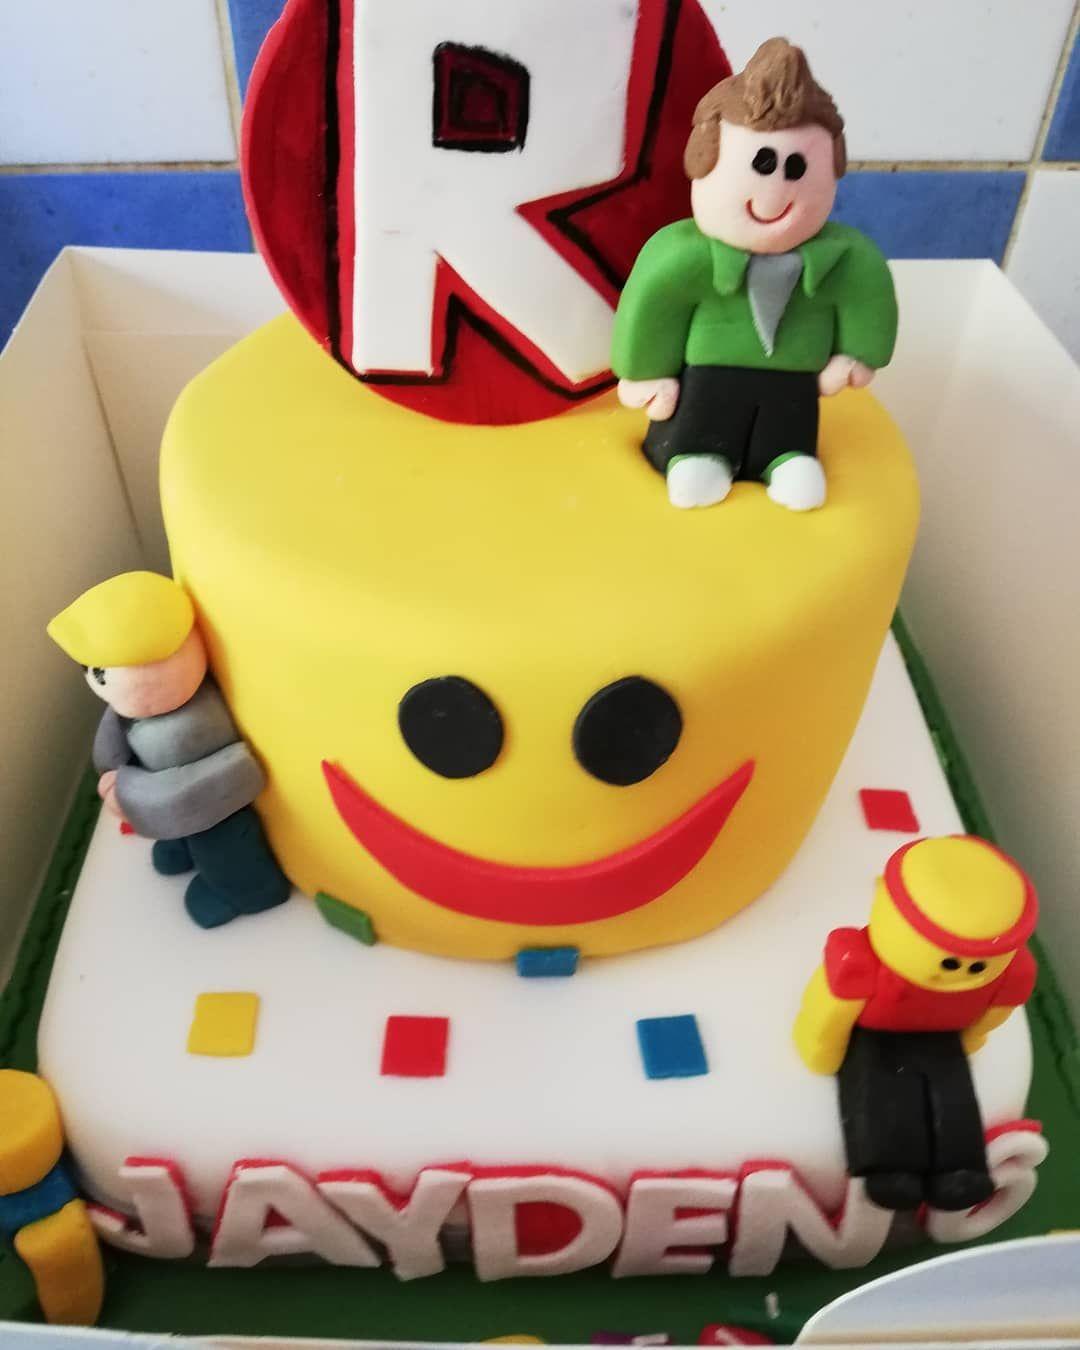 Roblox Birthday Cake 6thbirthday Birthday Birthdayboy Son